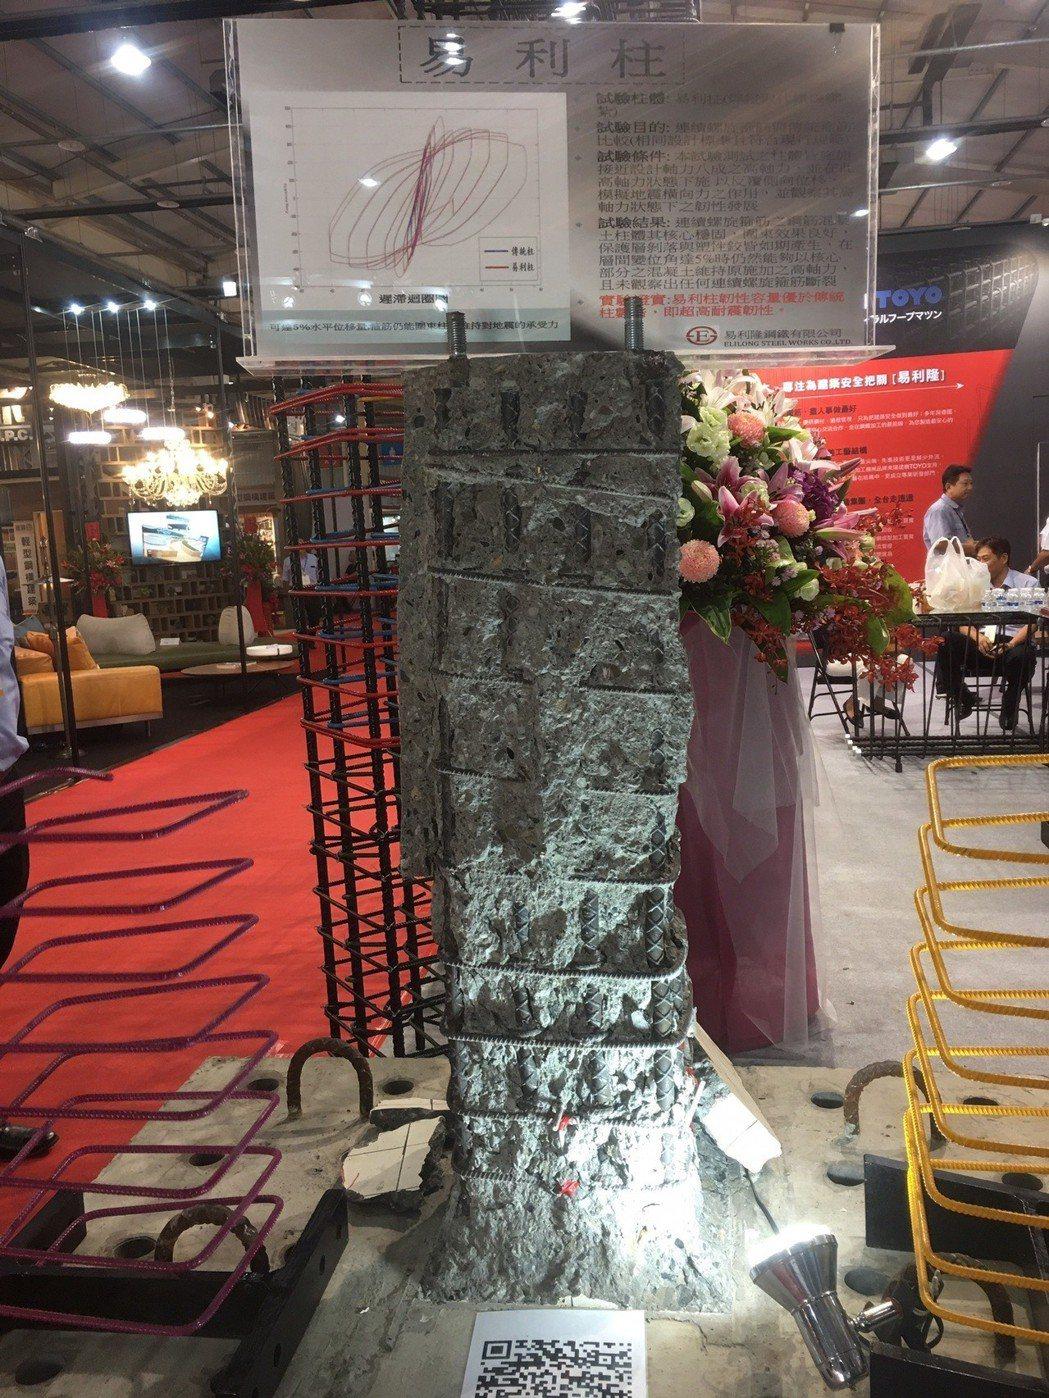 易利柱鋼筋結構預組成型工法,吸引展場目光。 易利隆鋼鐵/提供